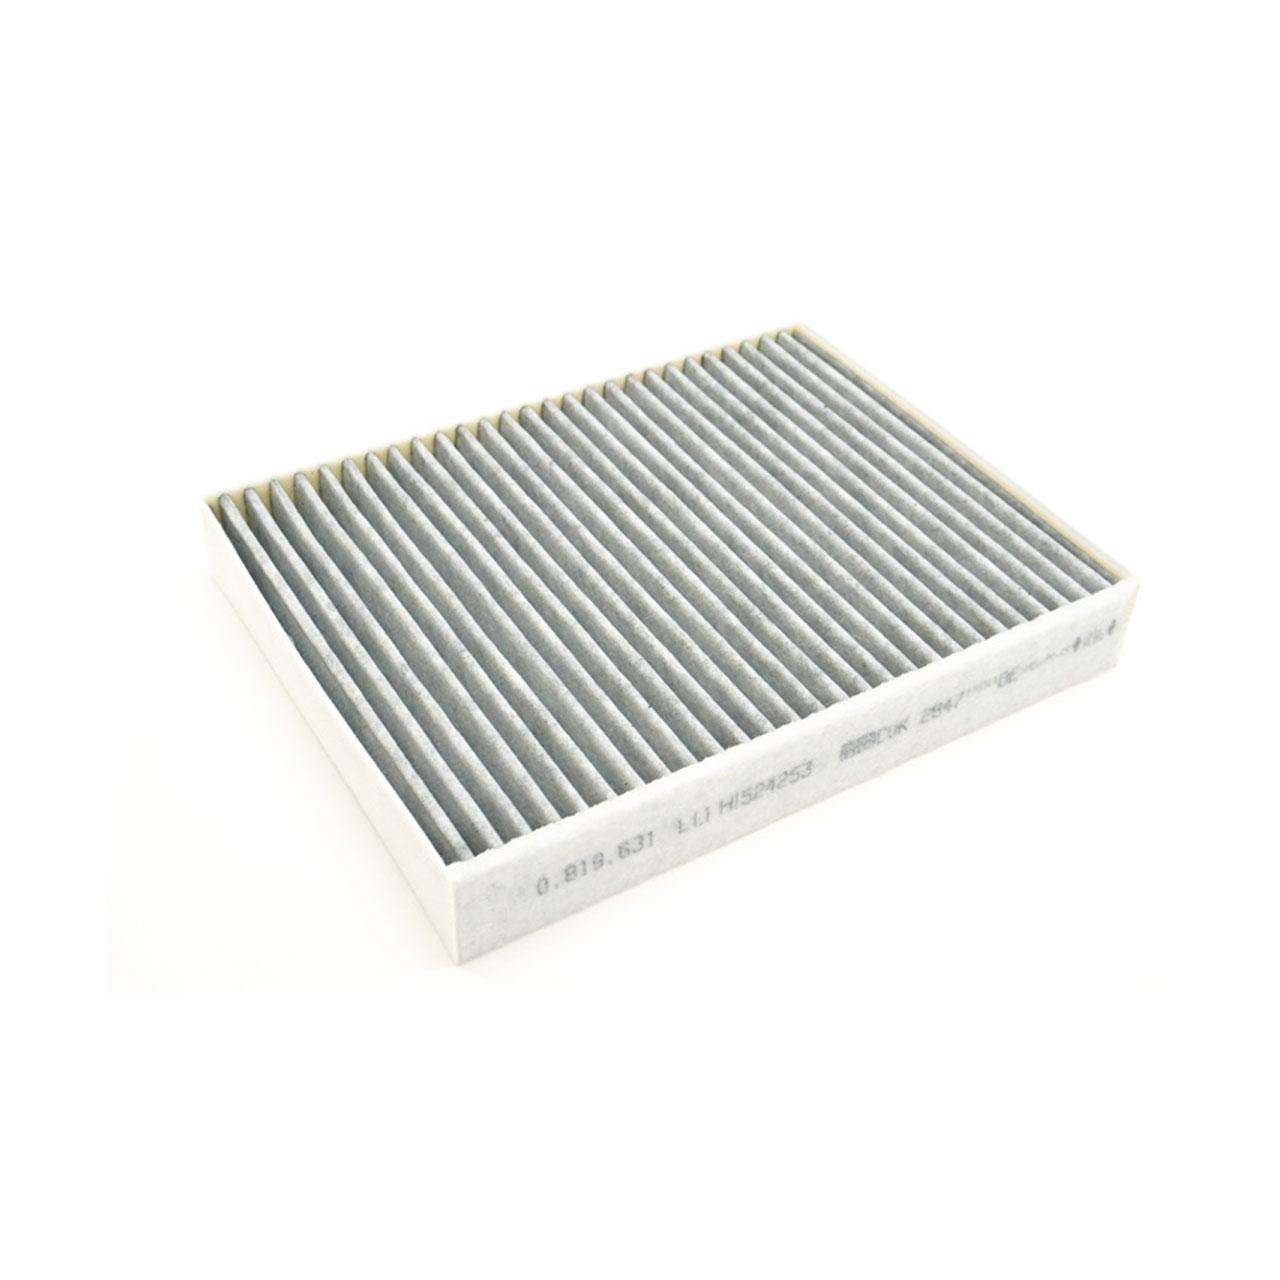 فیلتر کابین خودرو پورشه مدل MN99 مناسب برای پورشه کاین